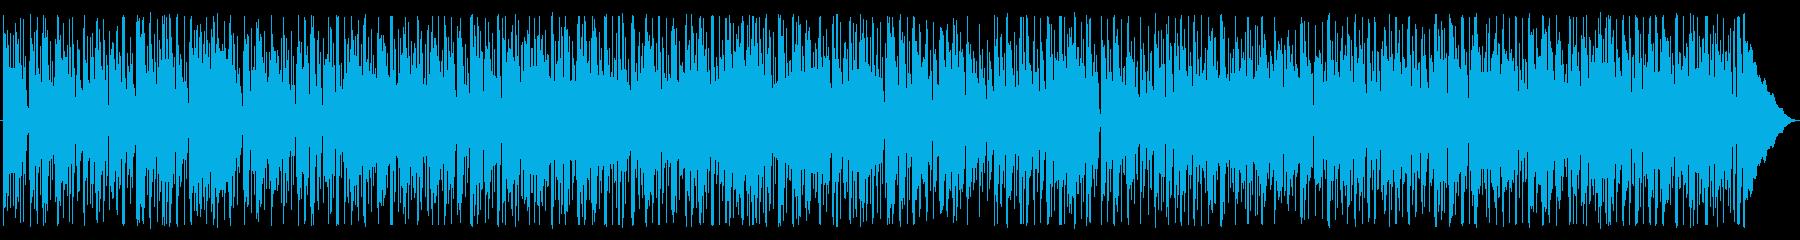 優しく軽快なファンクロックの再生済みの波形